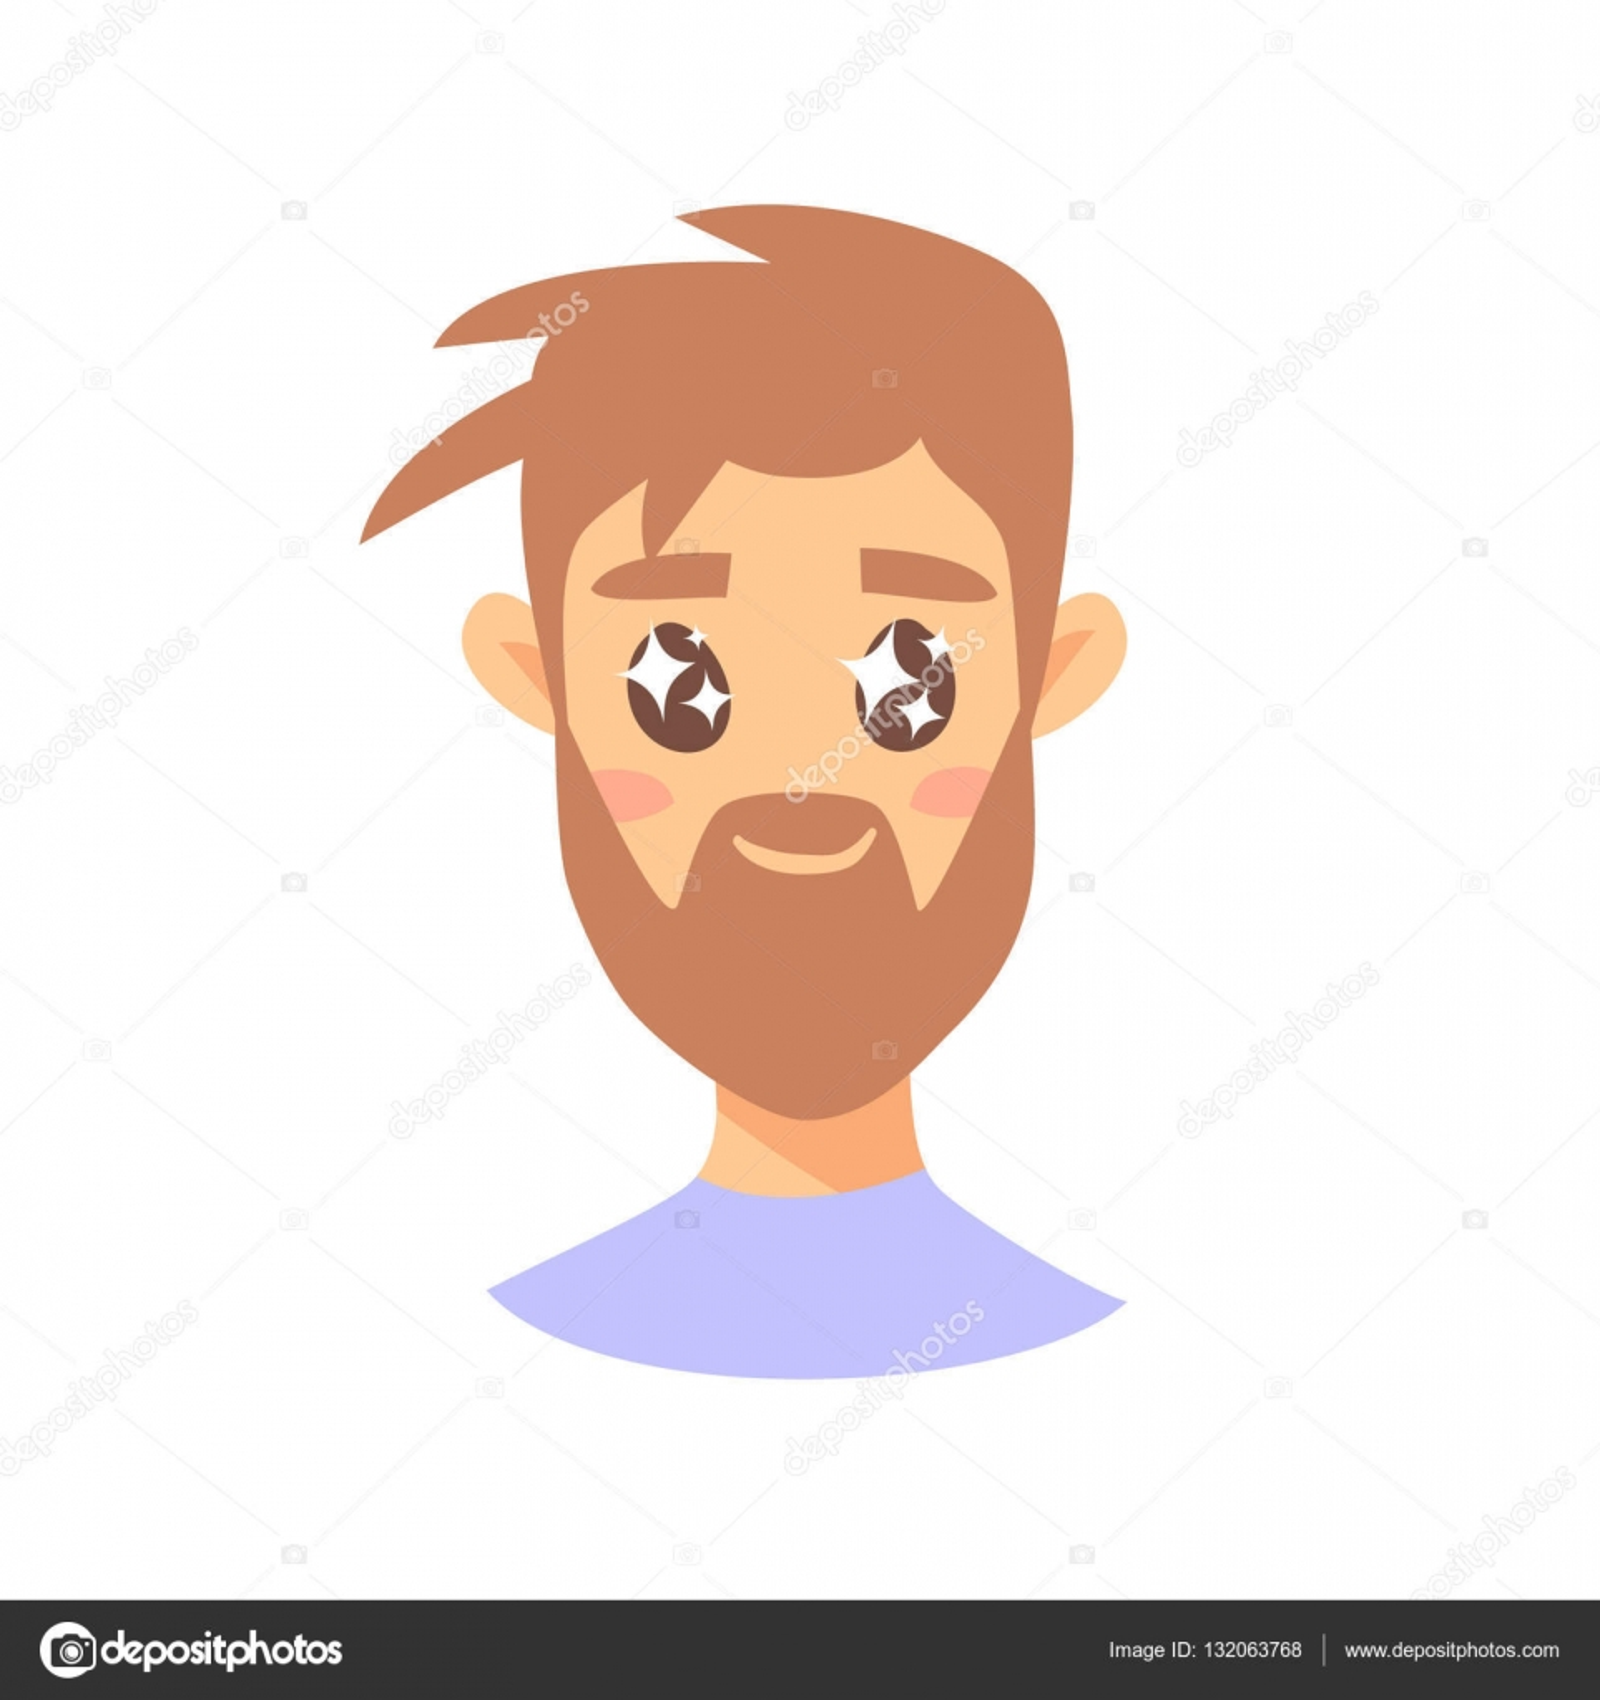 mignon personnage emoji icnes dmotion de style de dessin anim avatars de garon isol avec des expressions du visage agrable - Dessin Avec Emoji